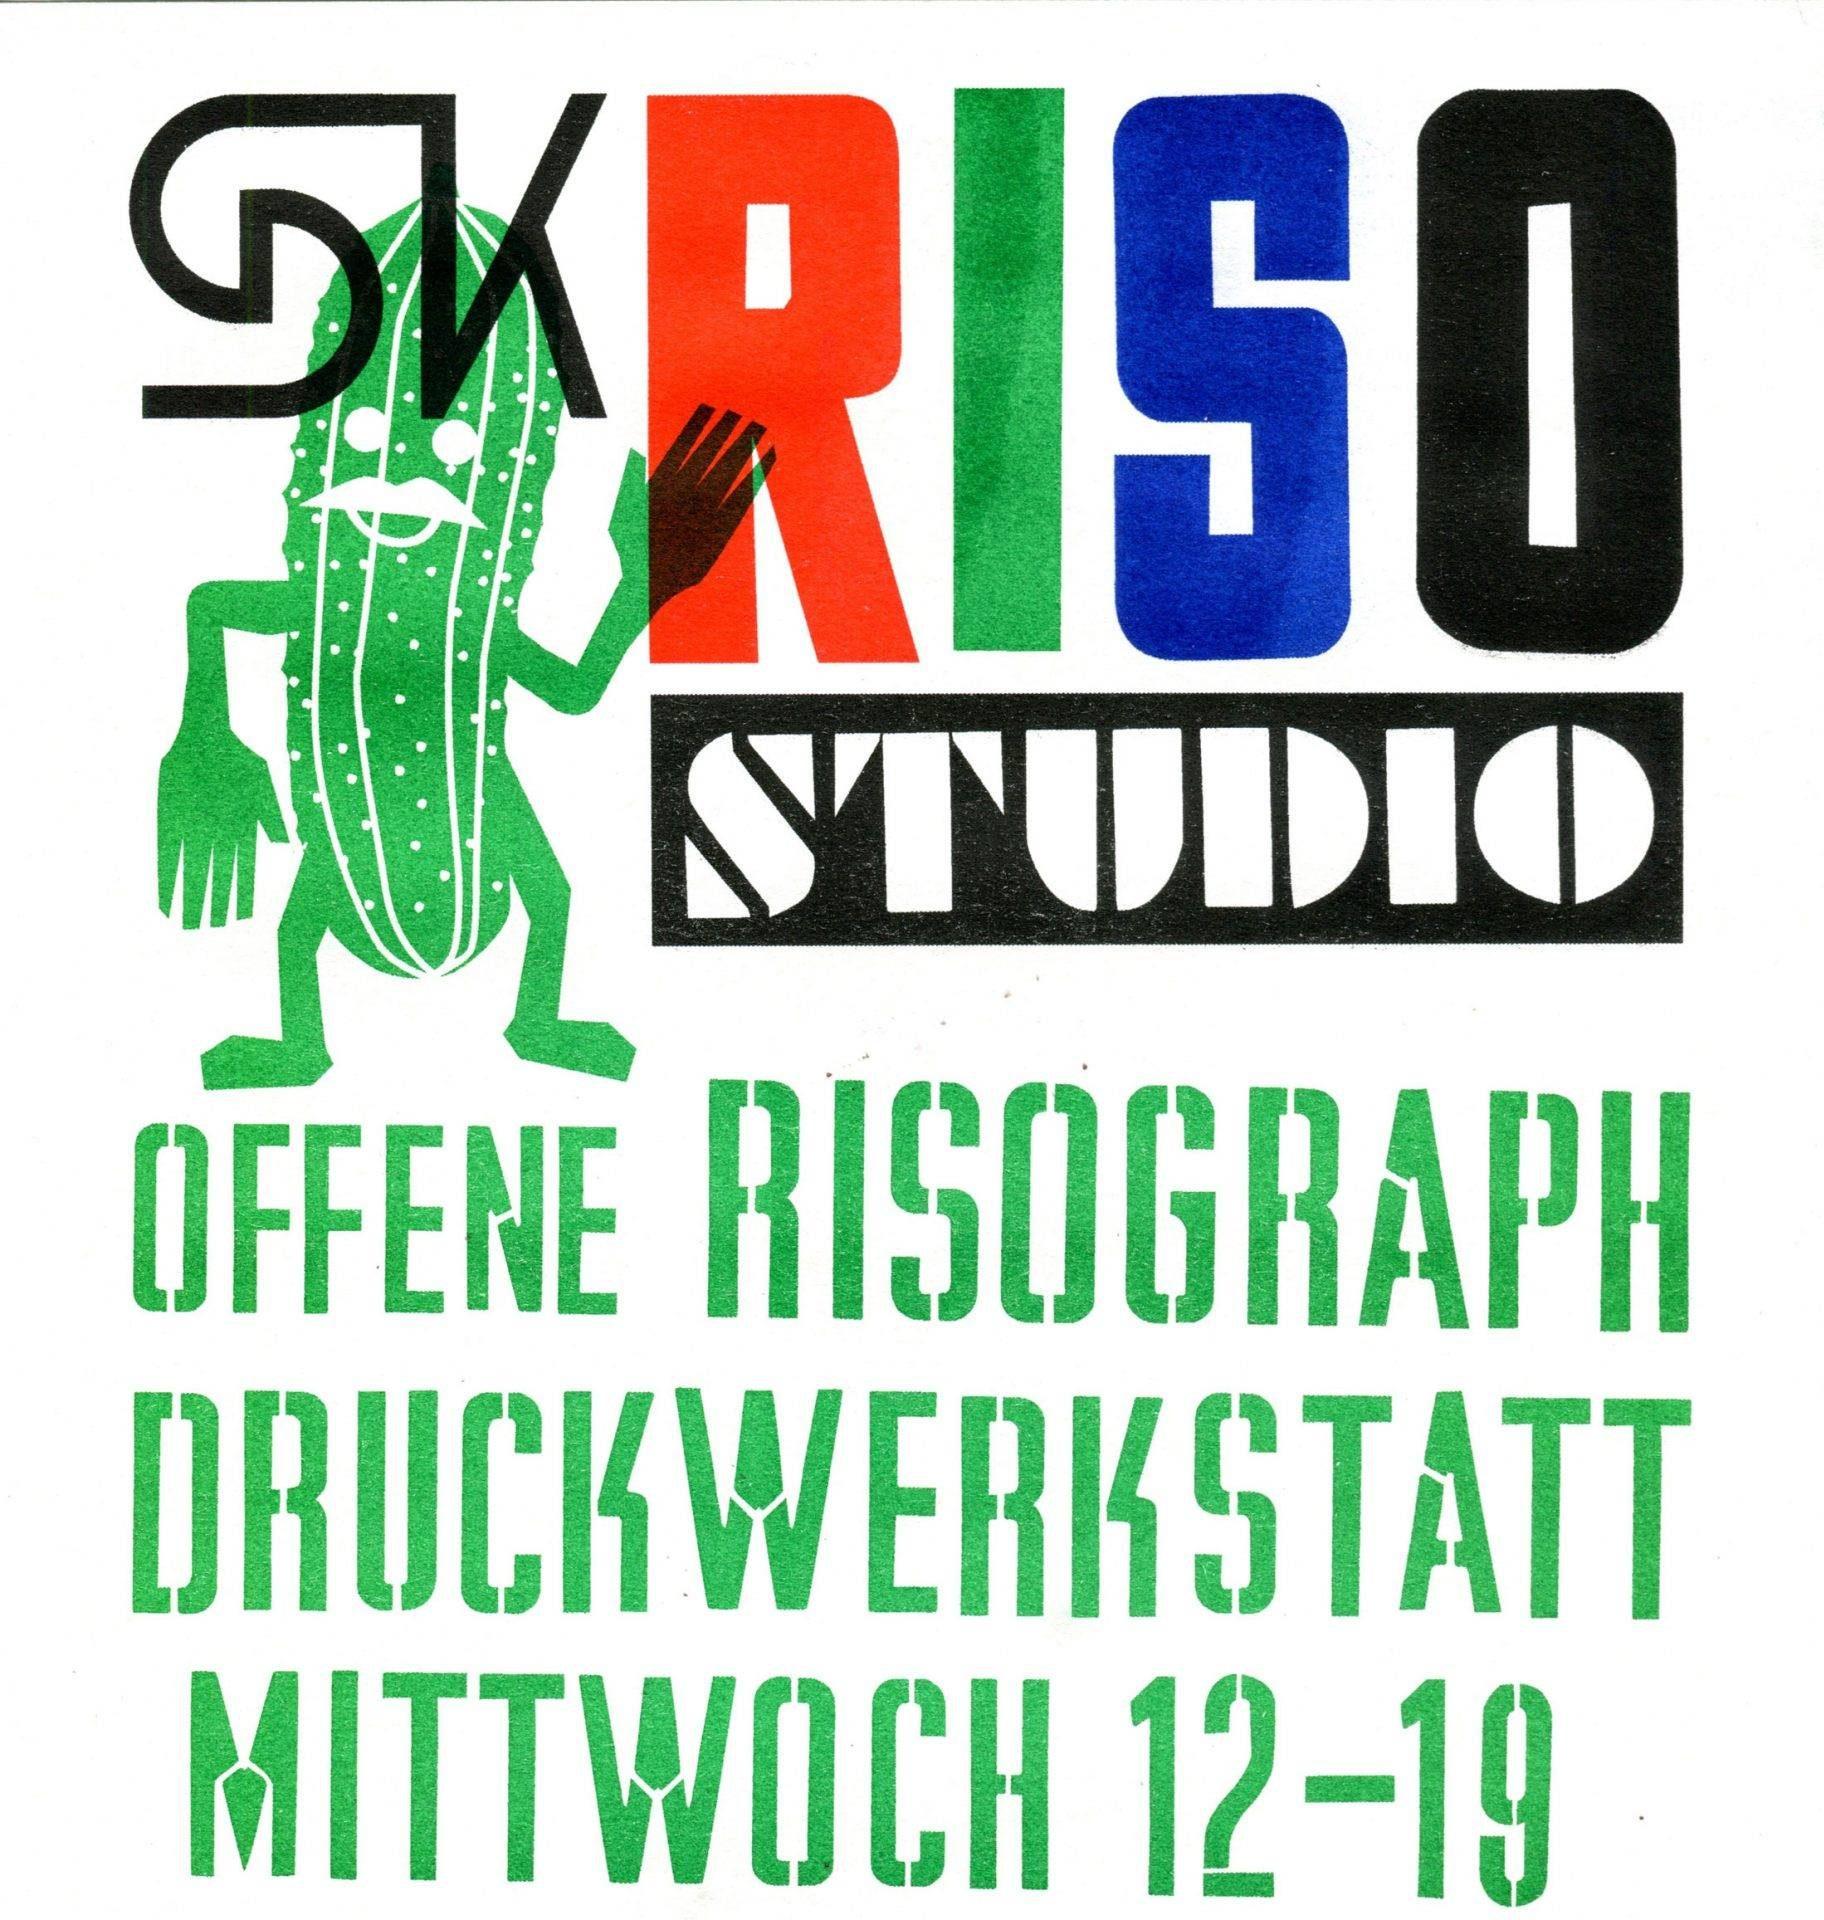 Offene Riso Druckwerkstatt mittwochs 12-19h @ nachladen